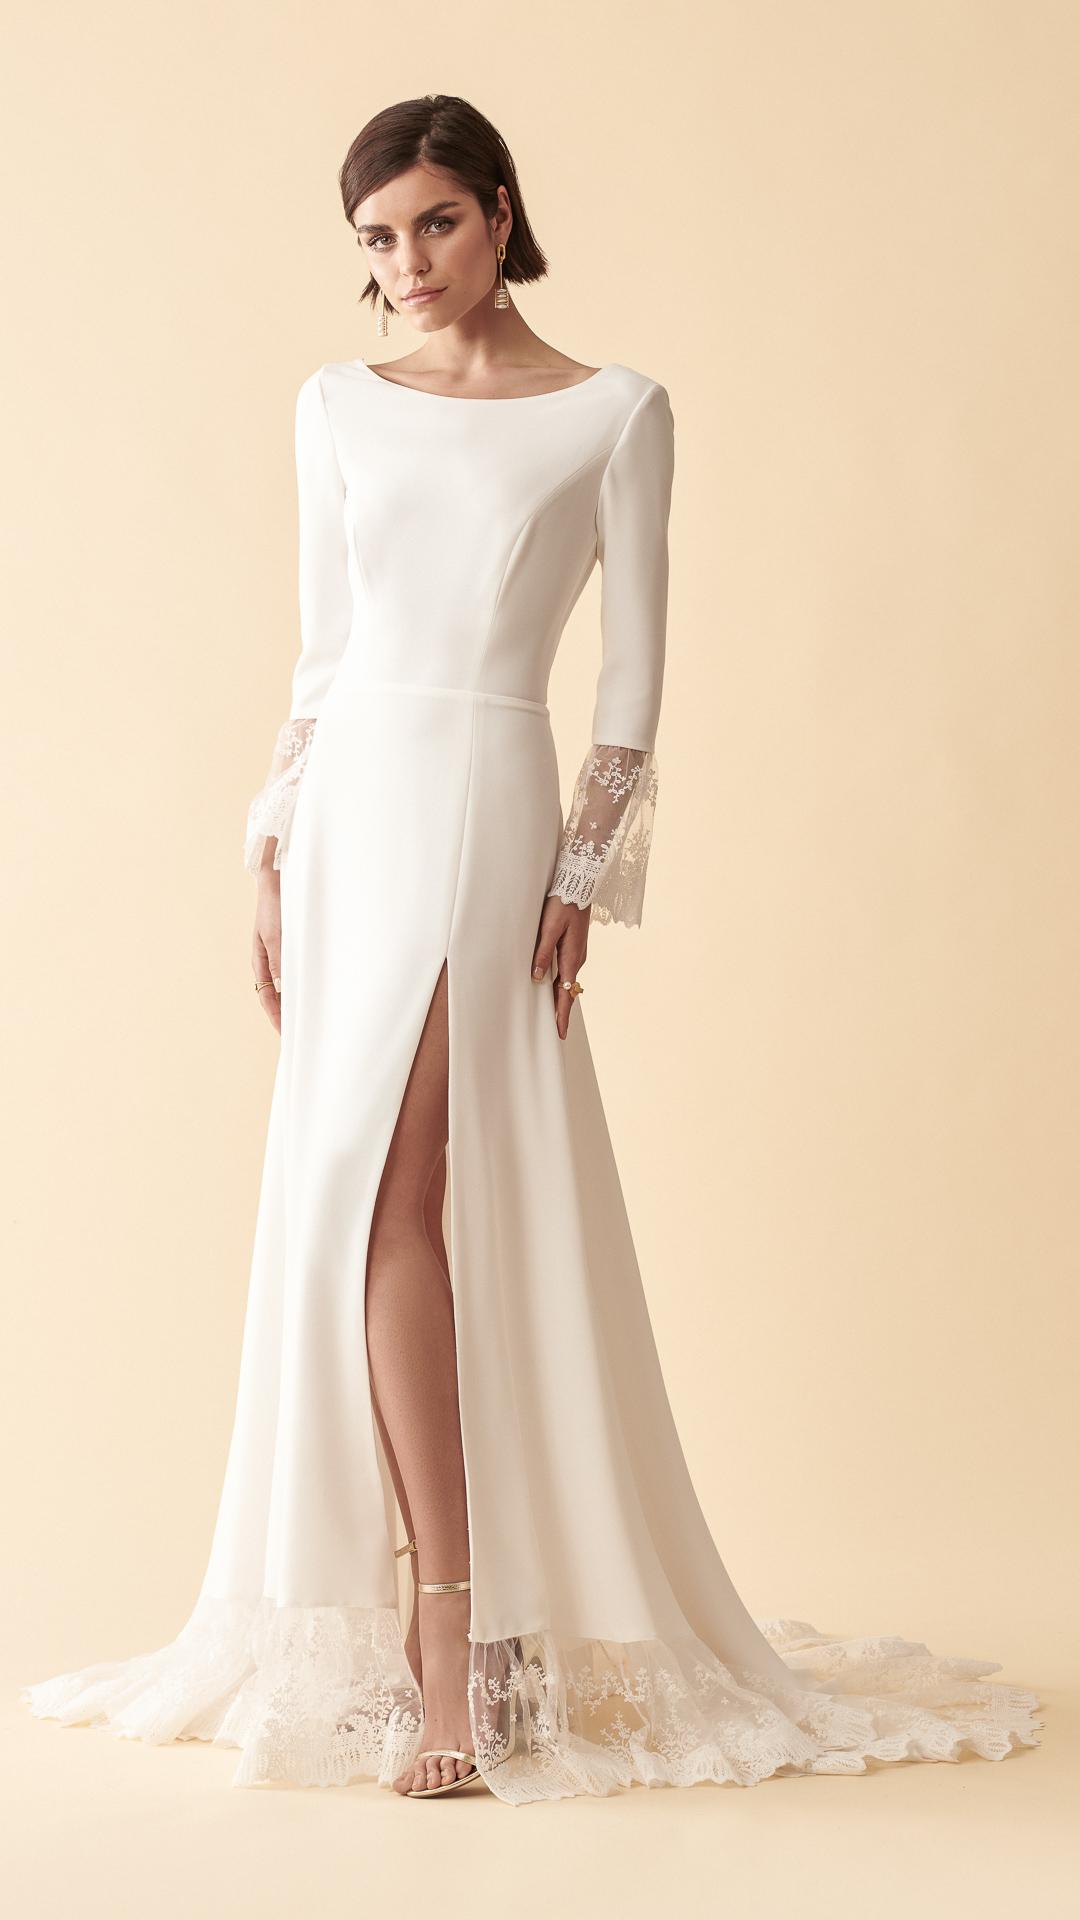 Vanity Fair - Marylise Brautkleider 2020